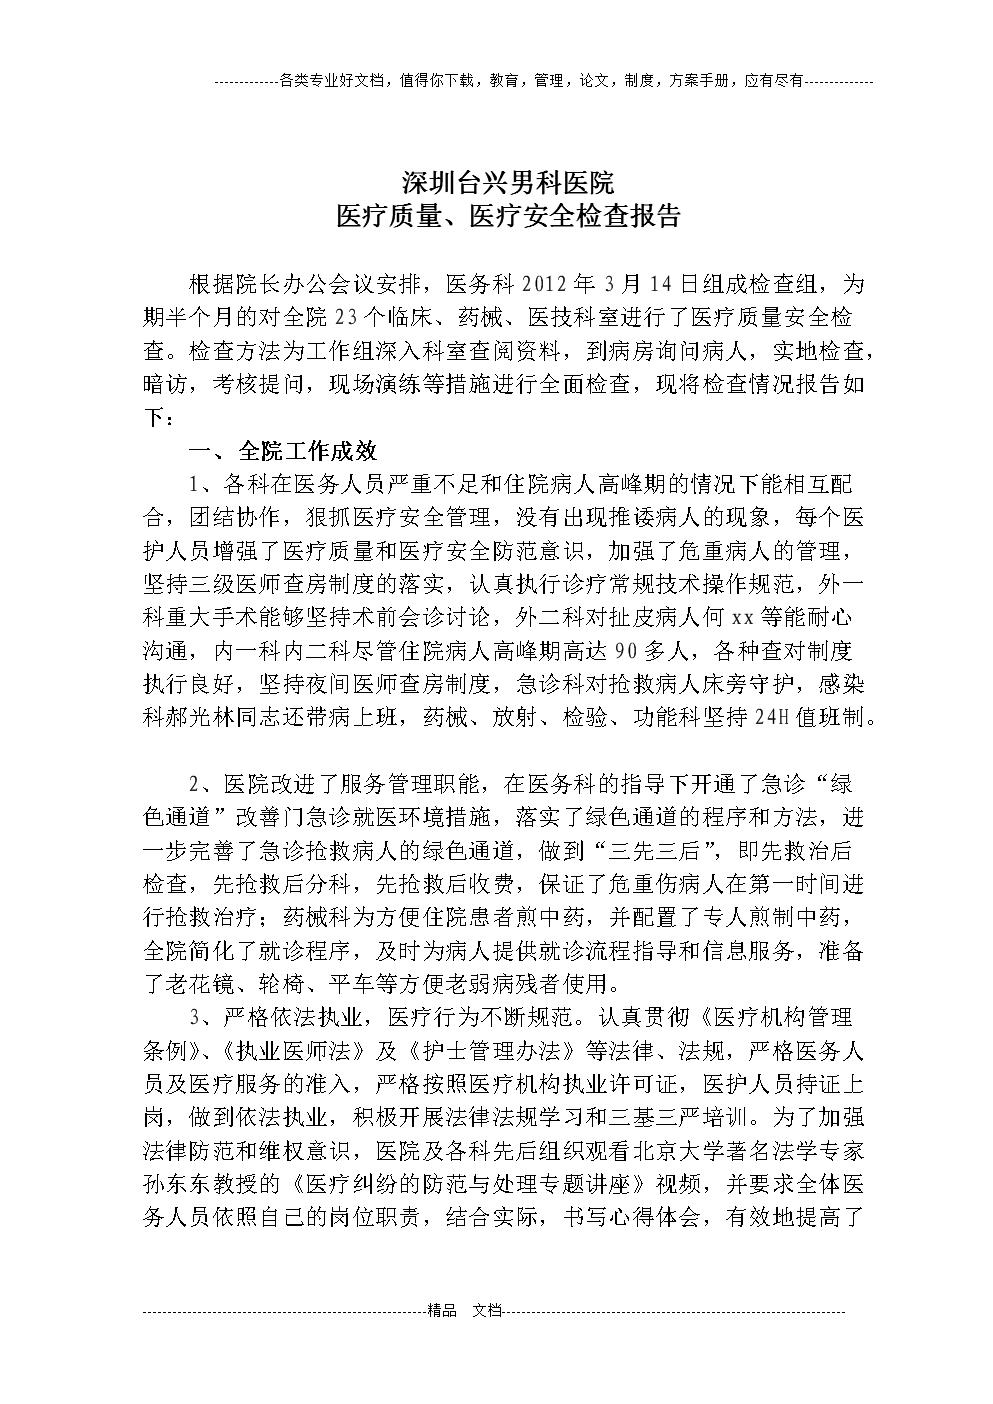 深圳台兴男科医院医疗质量医疗安全检查.doc